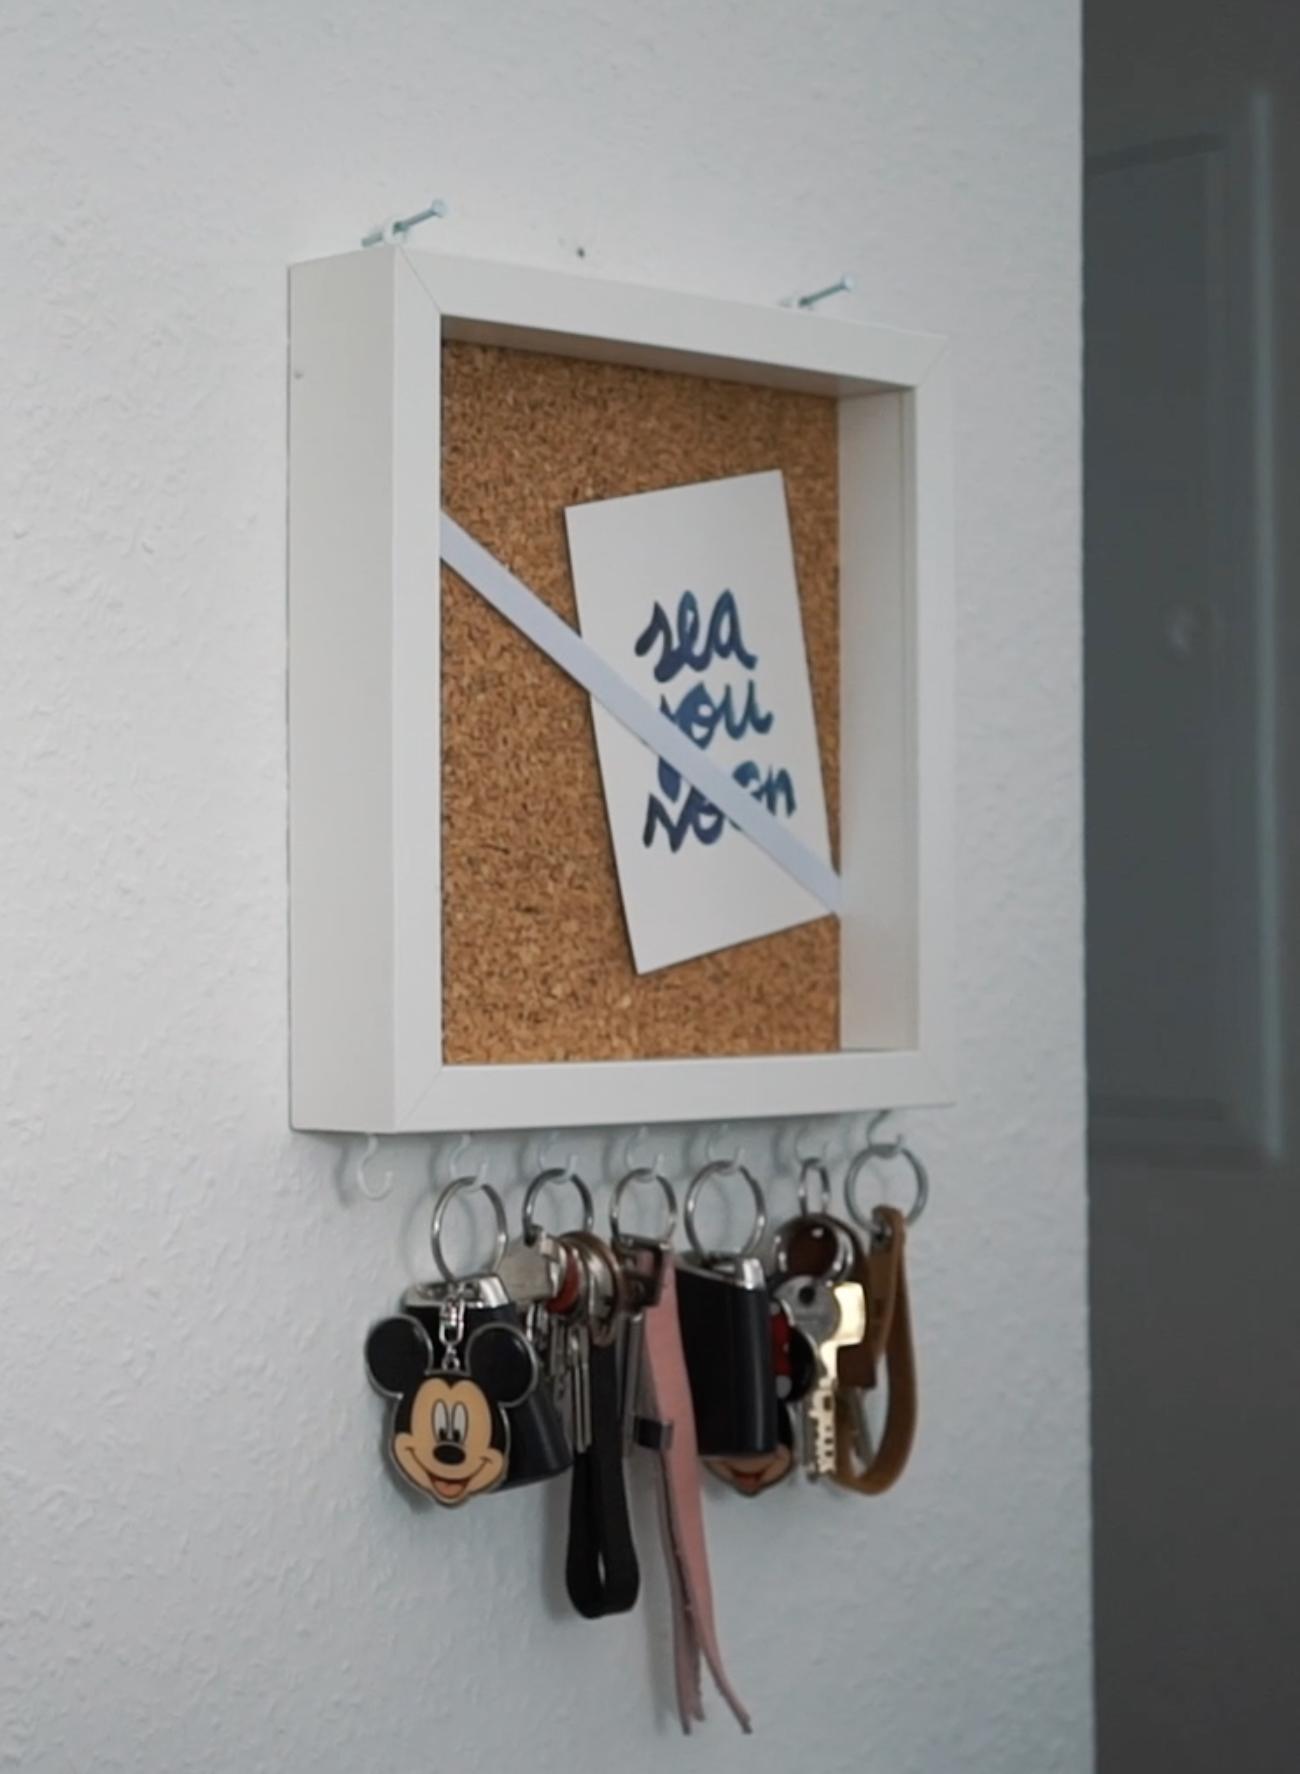 IKEA Schlüsselkasten DIY Ganz Einfach Selbst Machen! :)